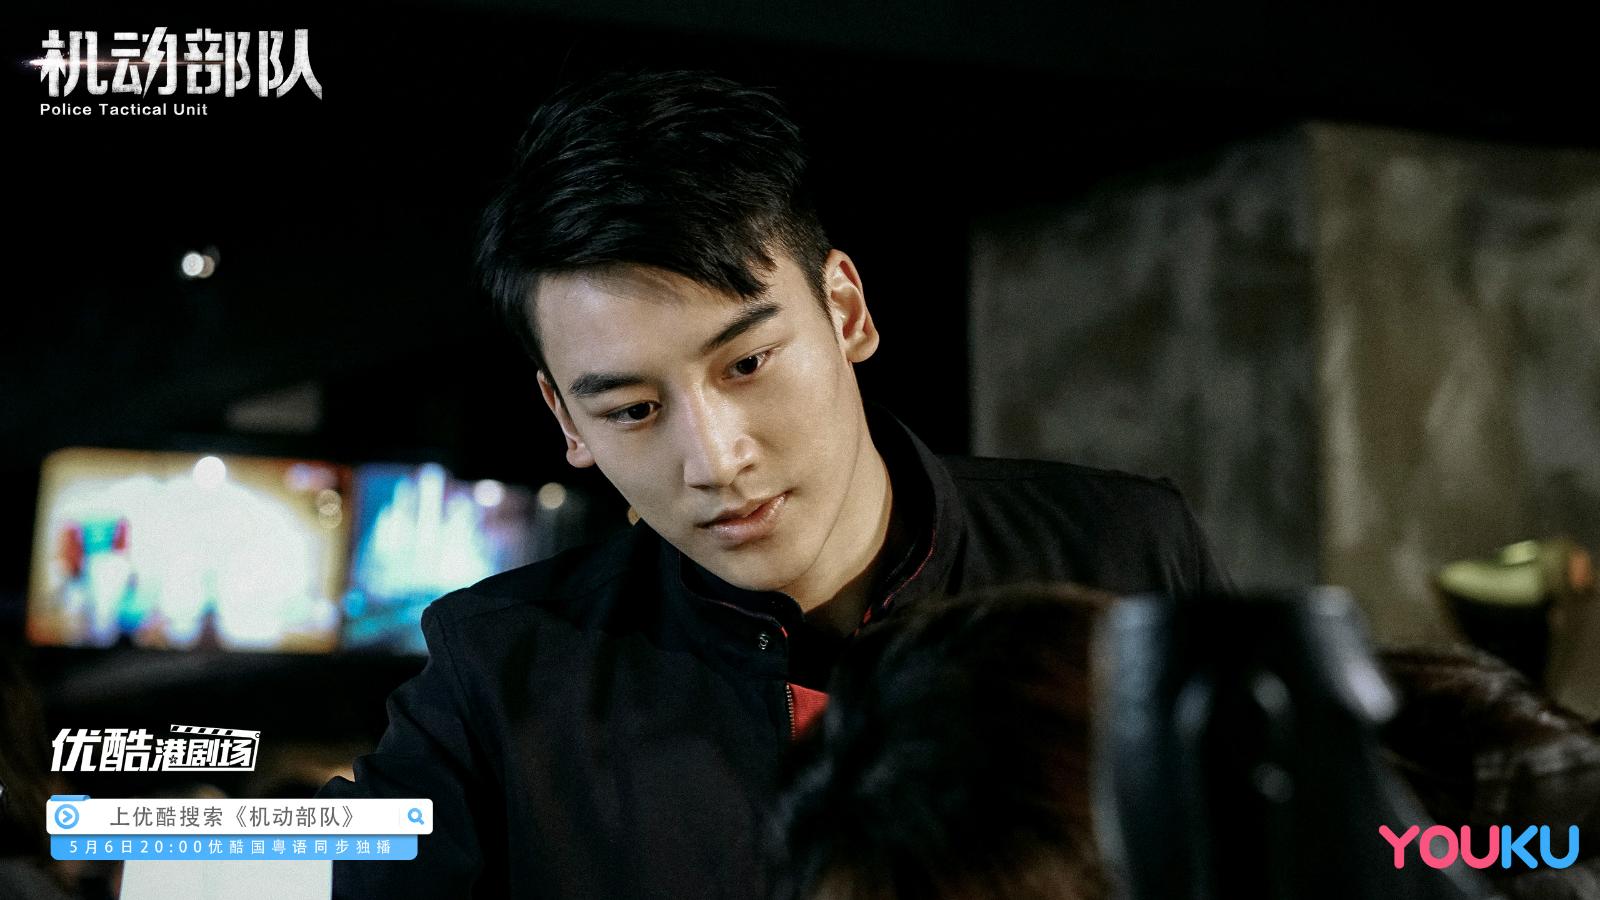 娱乐 正文  《机动部队》采用香港班底,除了林�o,蔡卓妍等年轻演员外